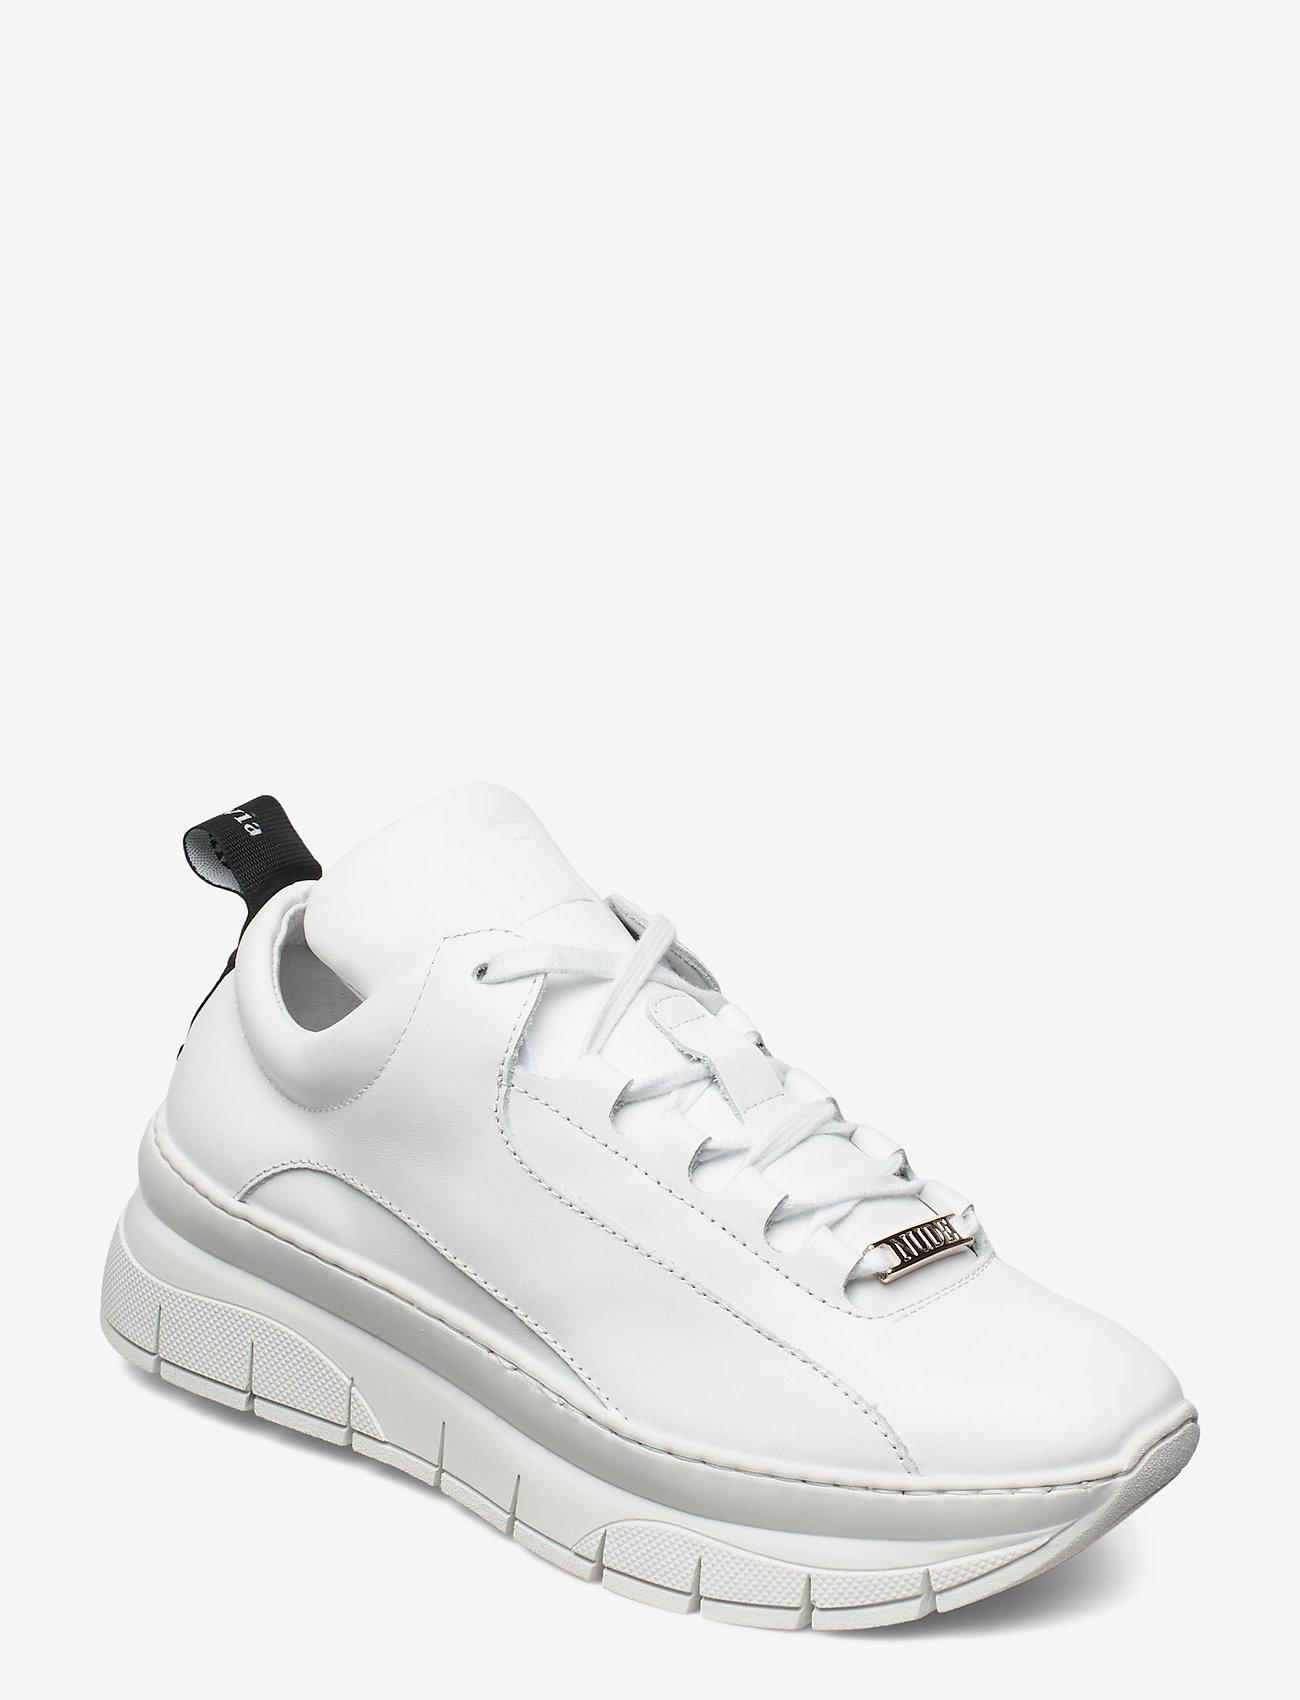 Nude of Scandinavia - HEDVIG - låga sneakers - softy / bianco - 0